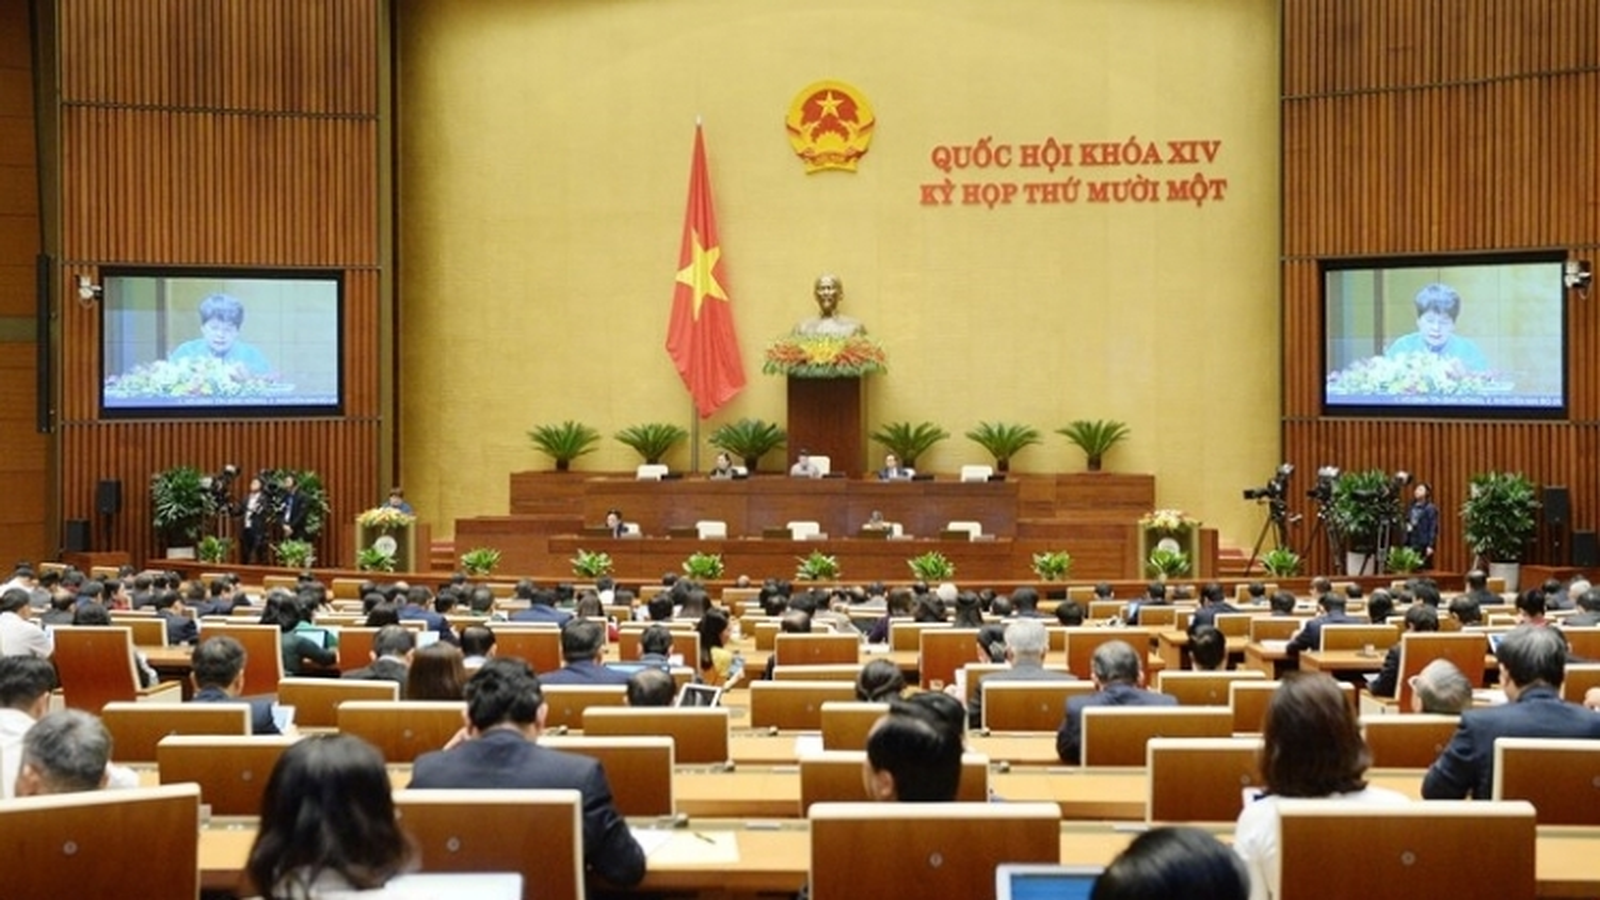 Quốc hội tạo xung lực mới cho các cơ quan khác hoàn thành nhiệm vụ